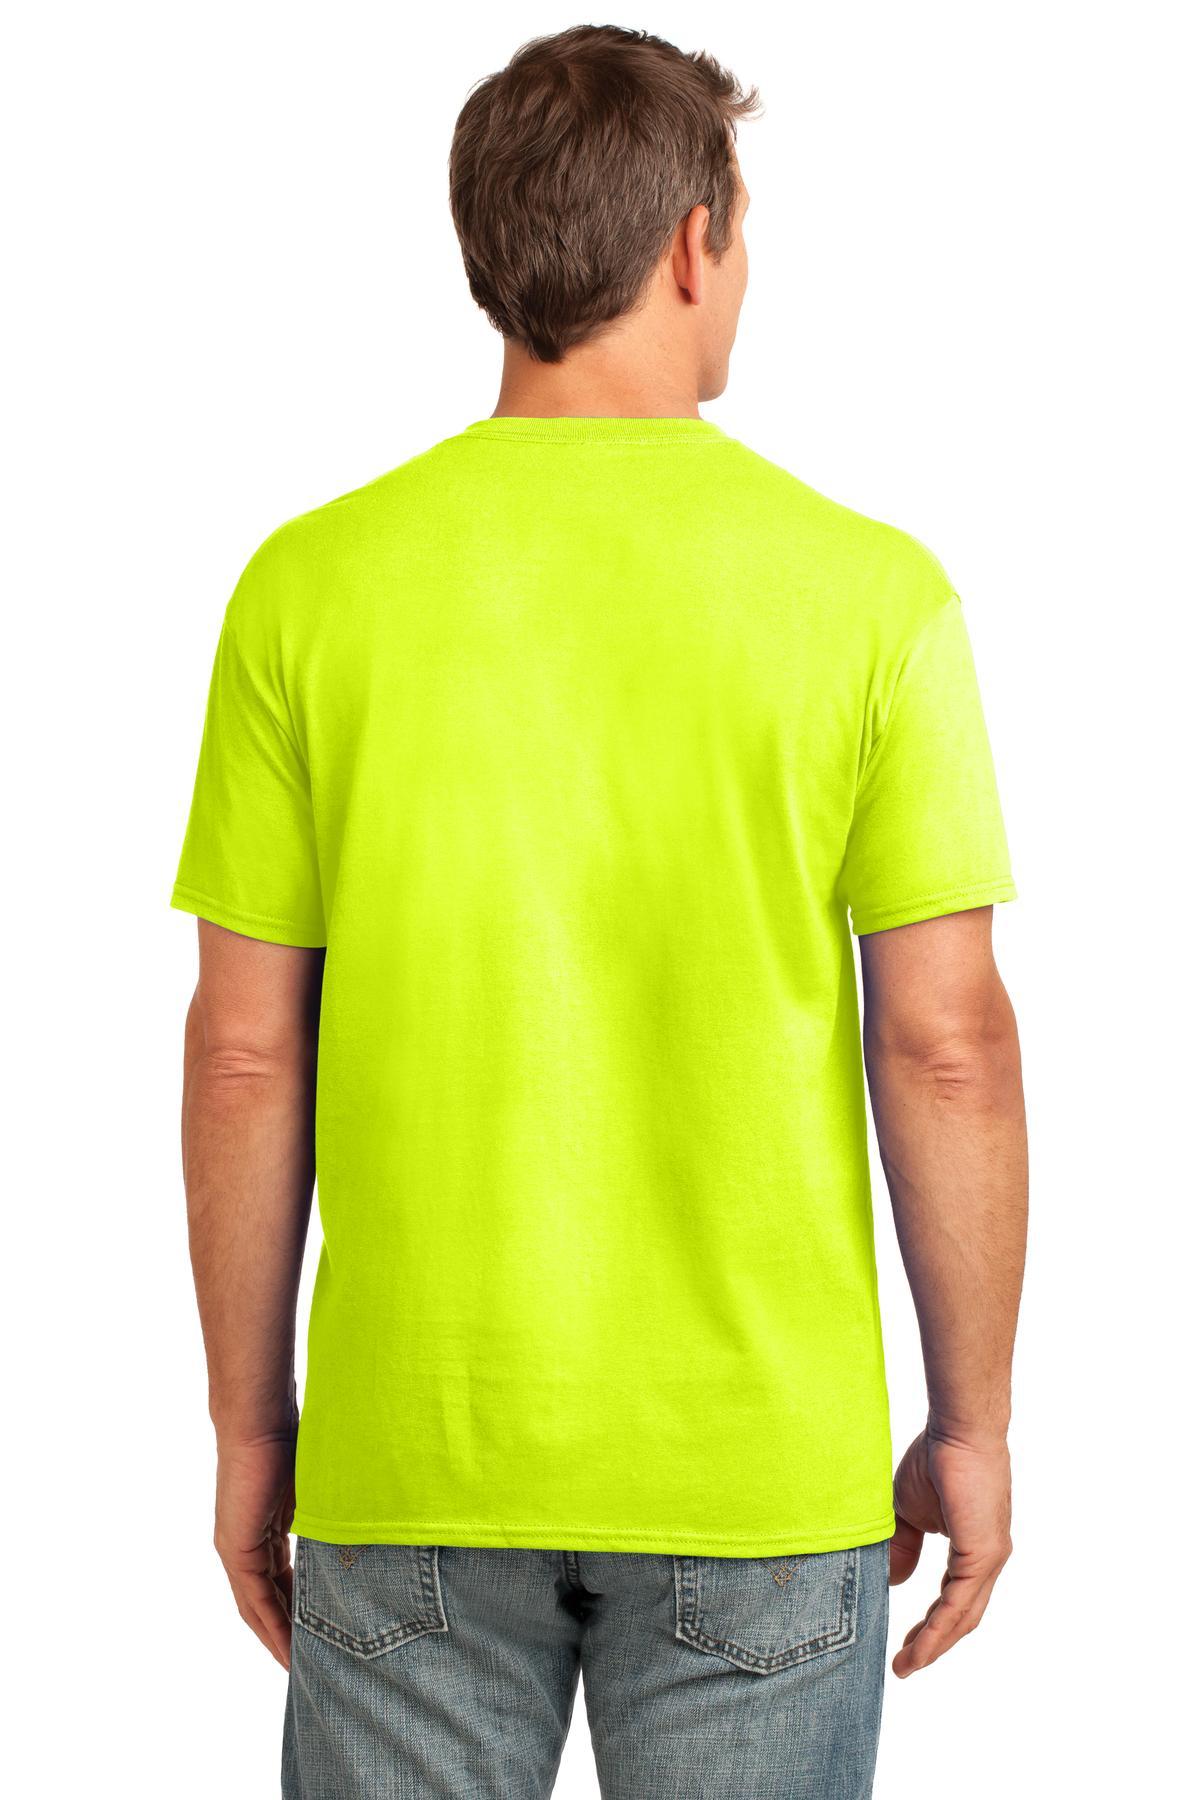 safetygreen model back